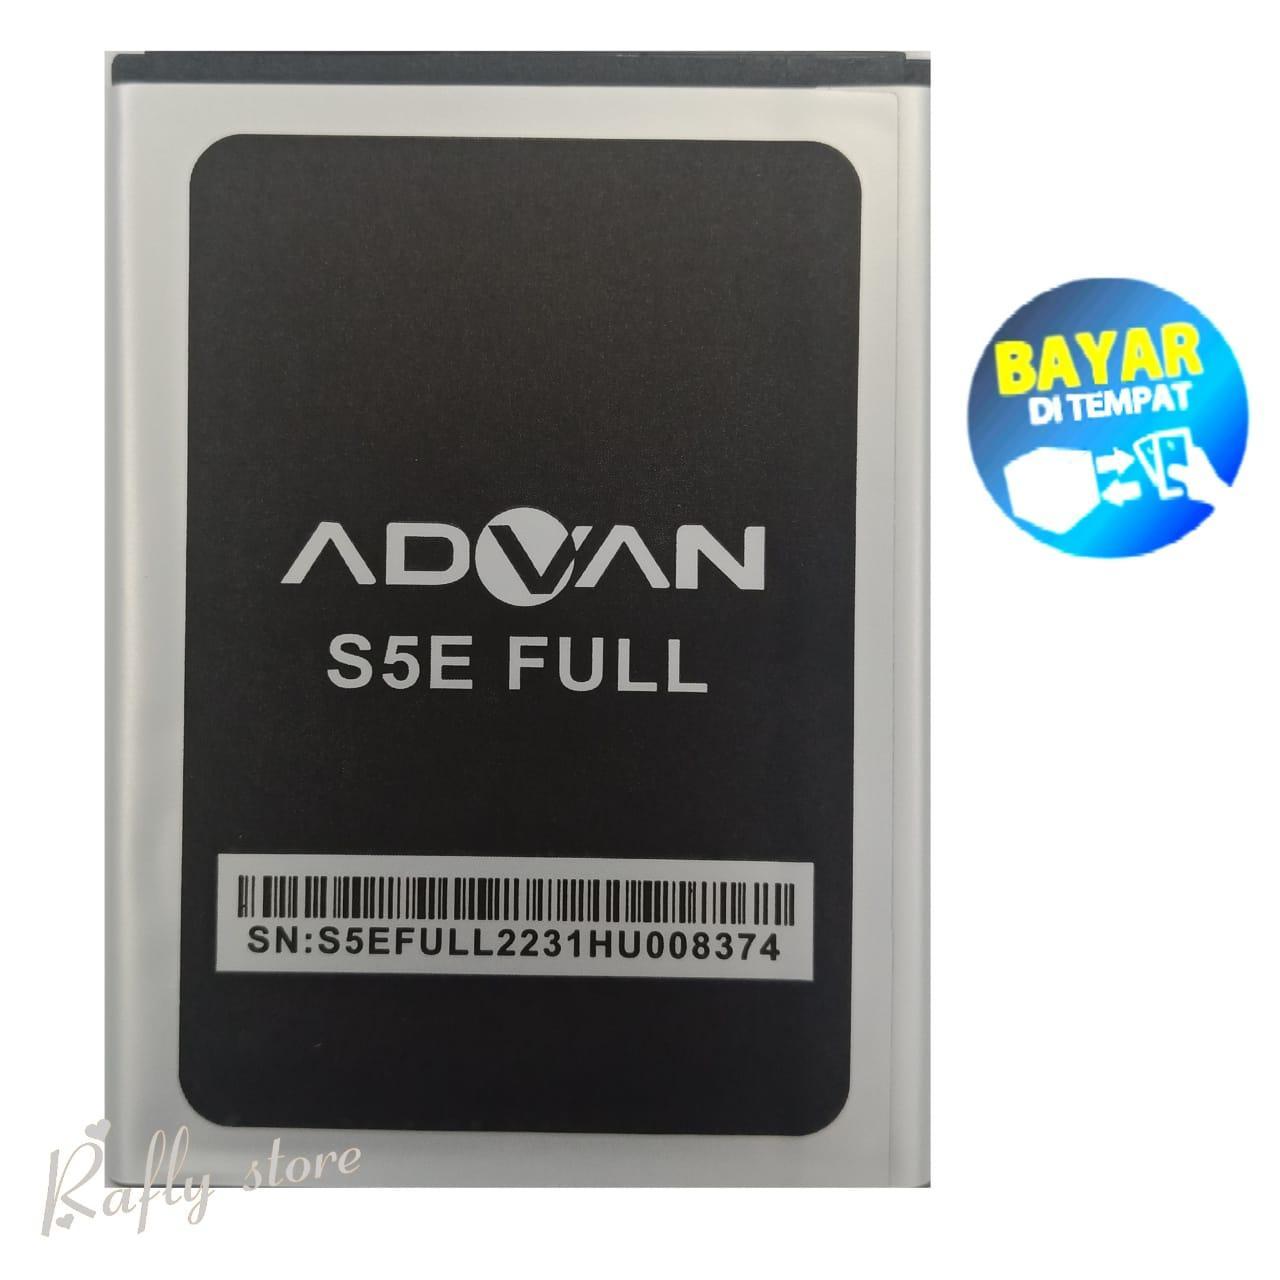 R/S1; Baterai ADVAN S5E FULL VIEW Batere Android Batrai Handphone Battery Advan Batre